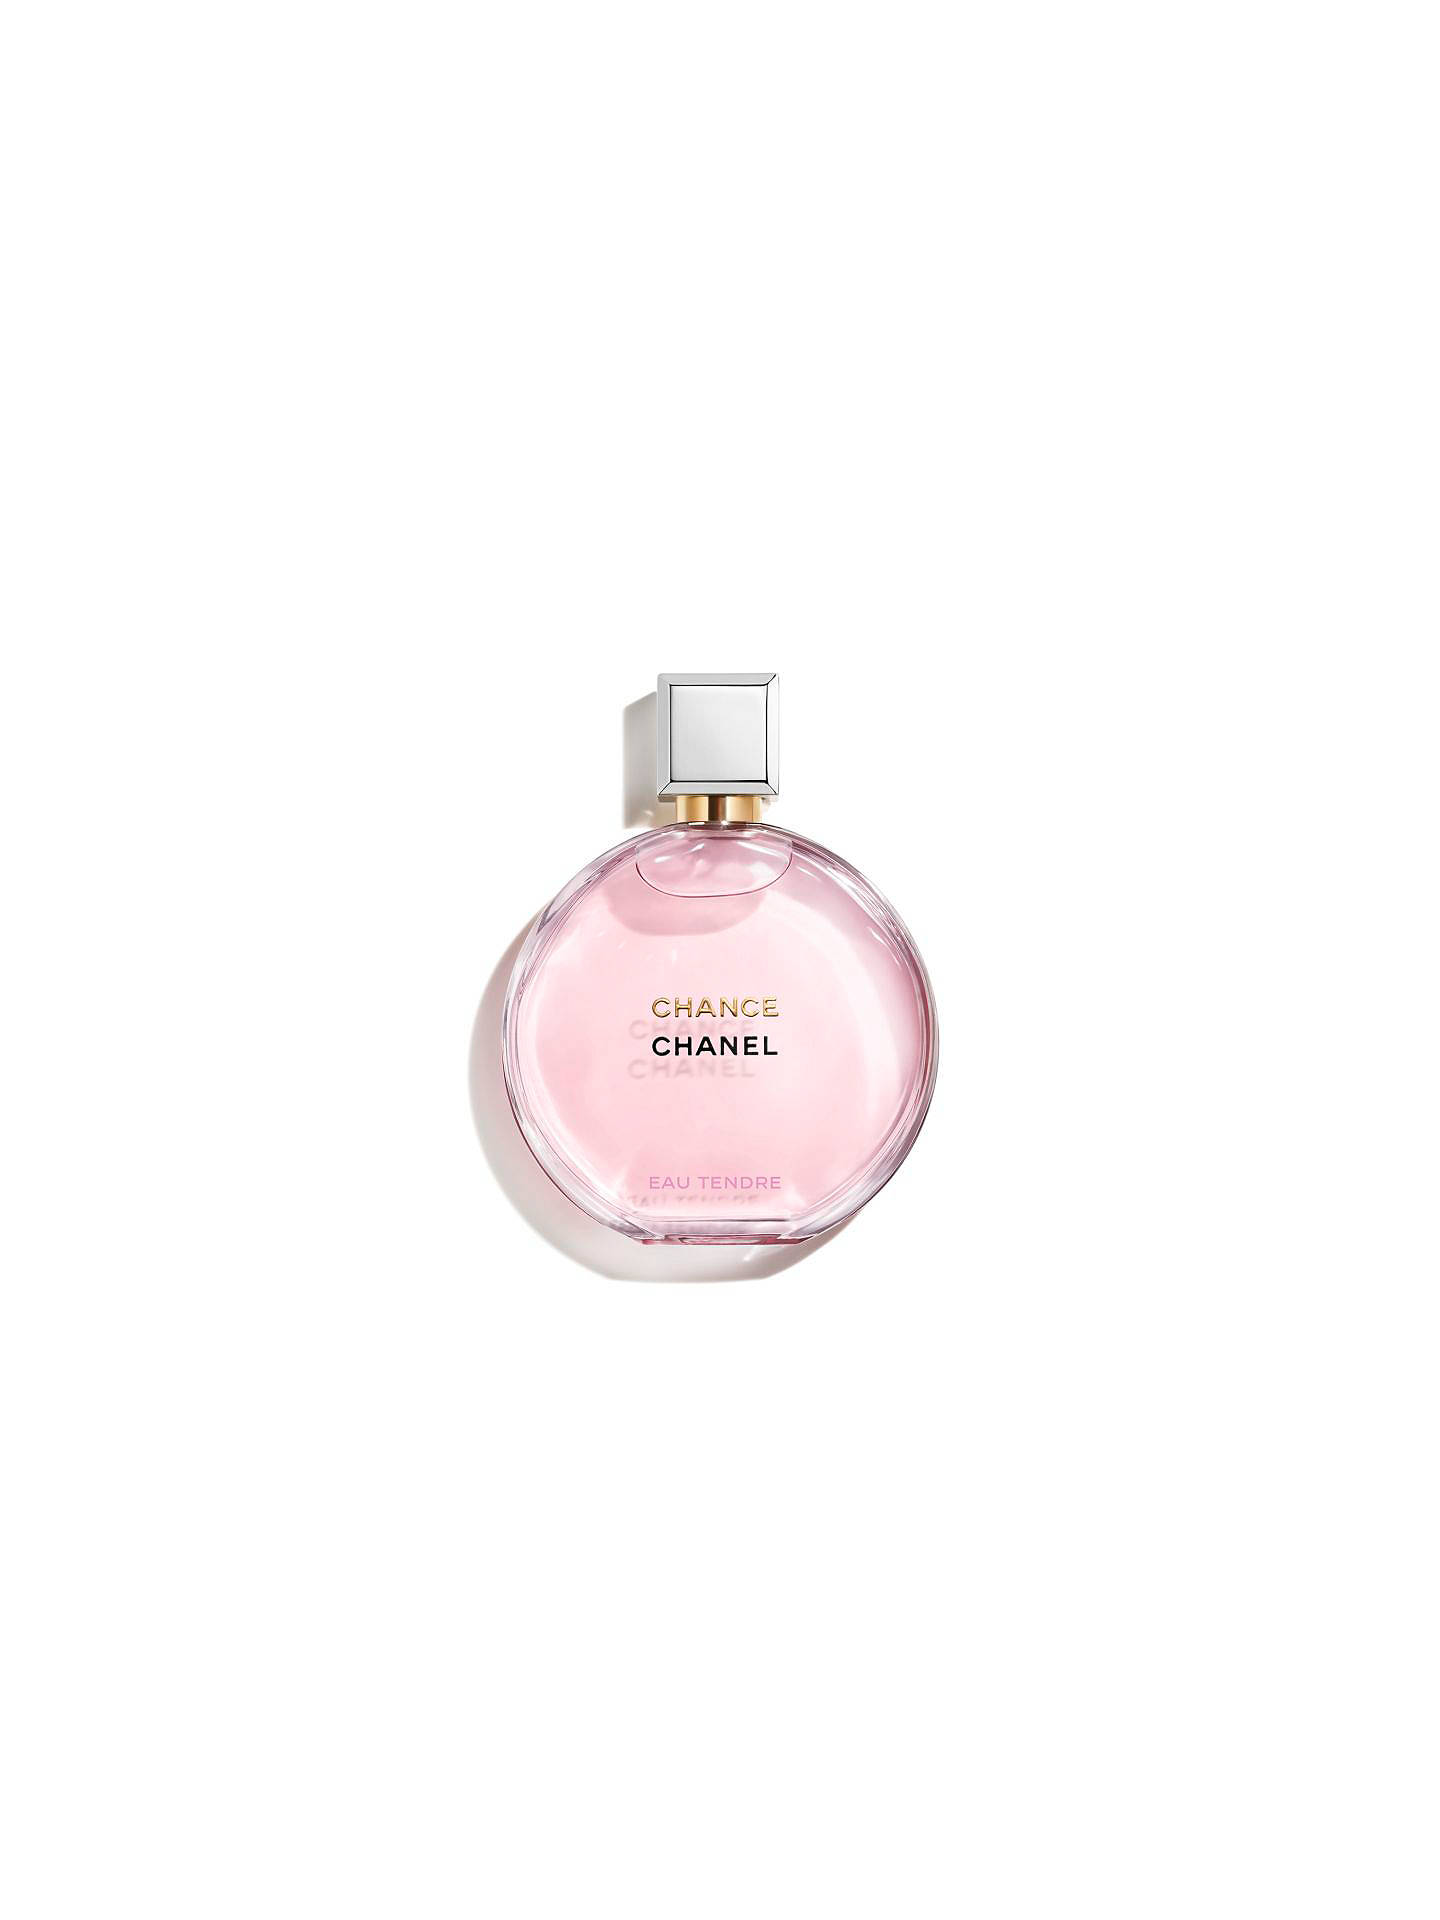 5485c43da70 CHANEL CHANCE EAU TENDRE Eau de Parfum Spray at John Lewis   Partners